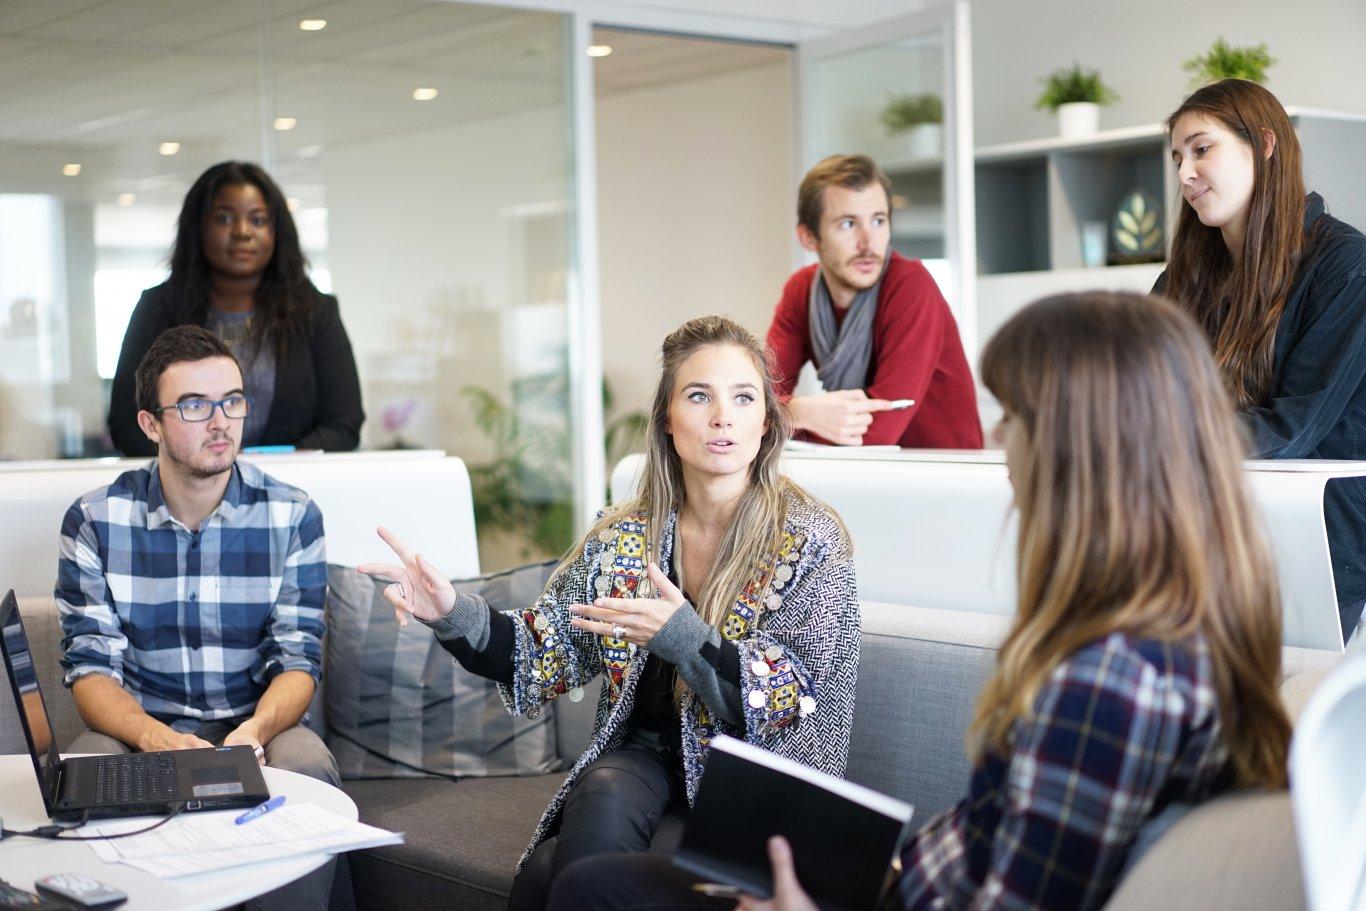 Hol jó dolgozni? - Ideális irodák az irodapiacon 2.rész  Közösségi irodák: kreativitás, tudásmegosztás, közösségépítés